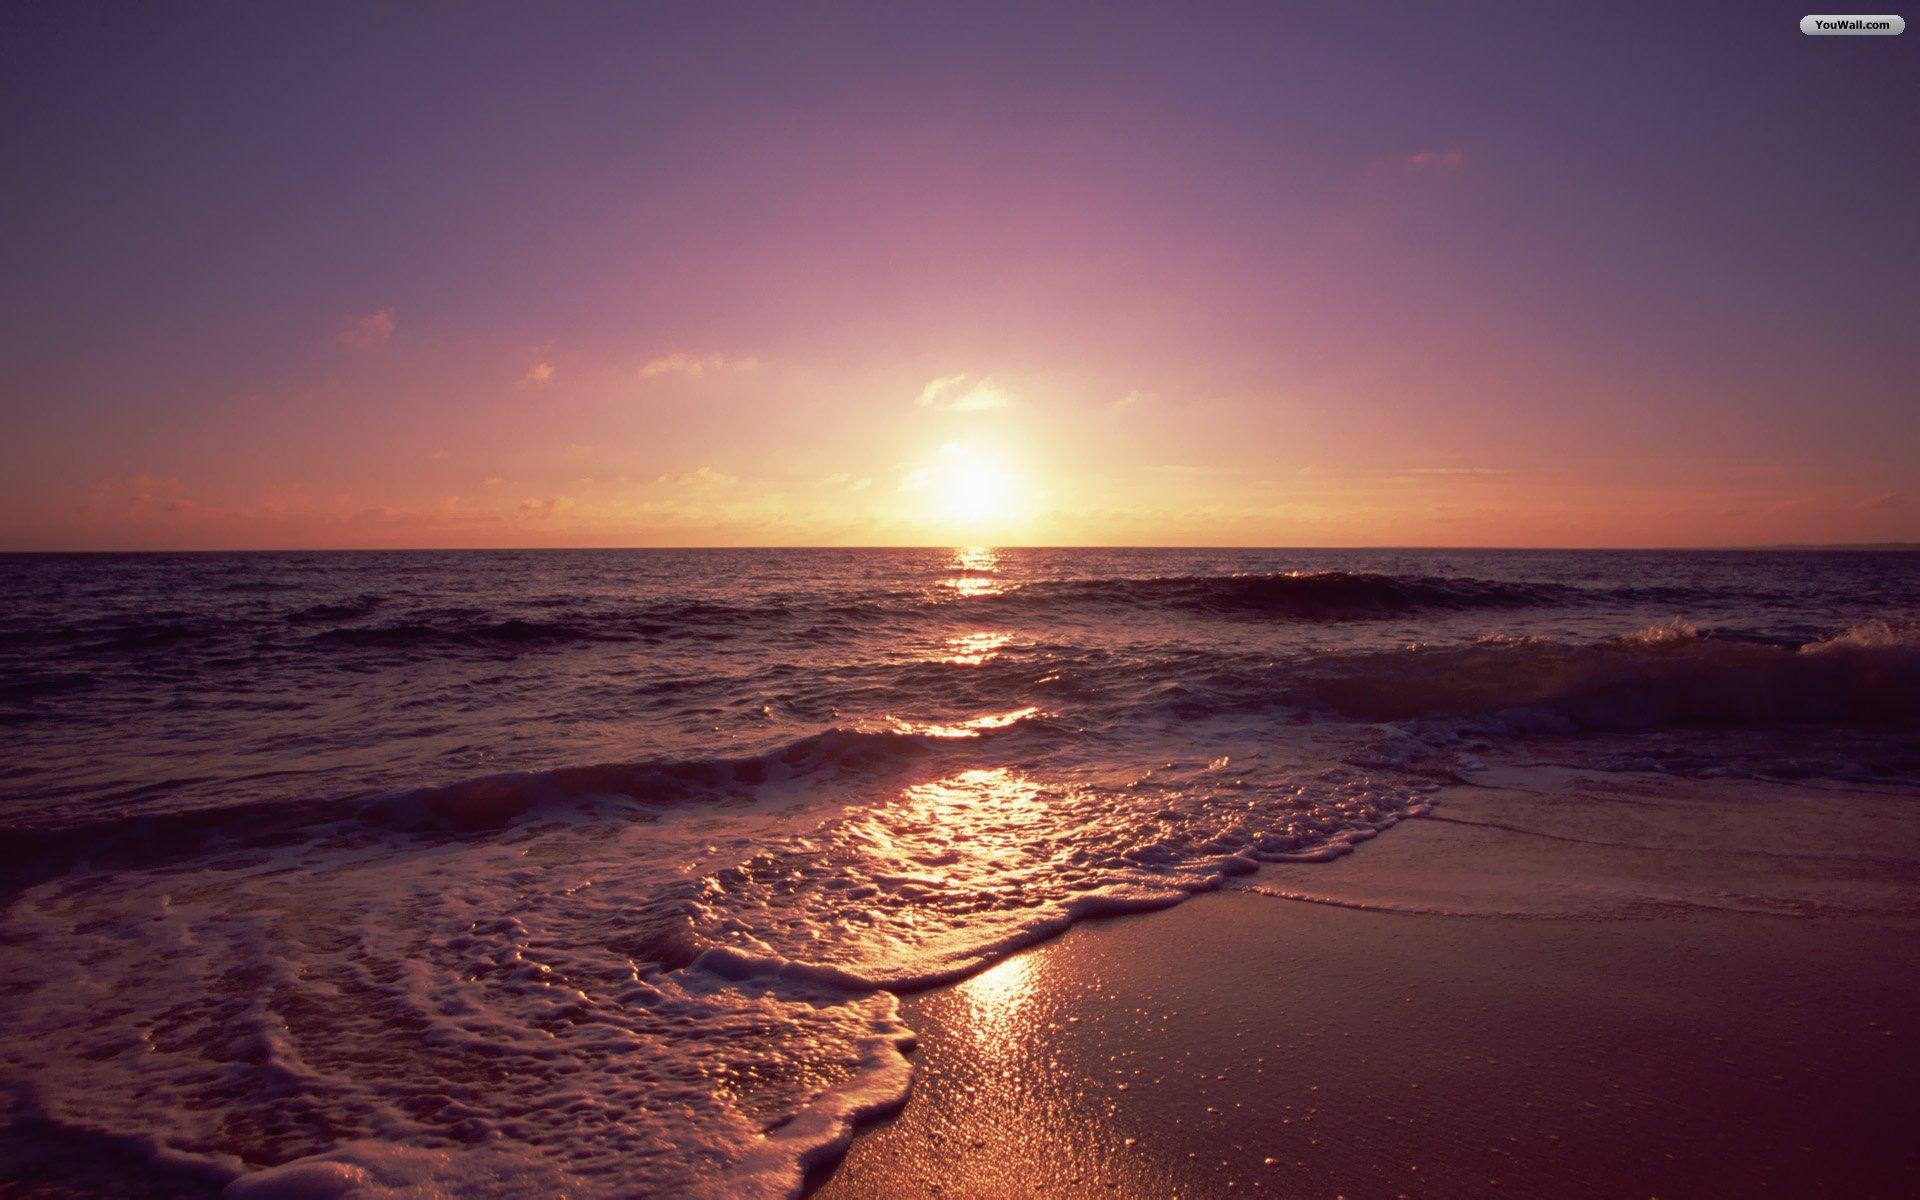 Beach Sunset Wallpapers 1920x1200